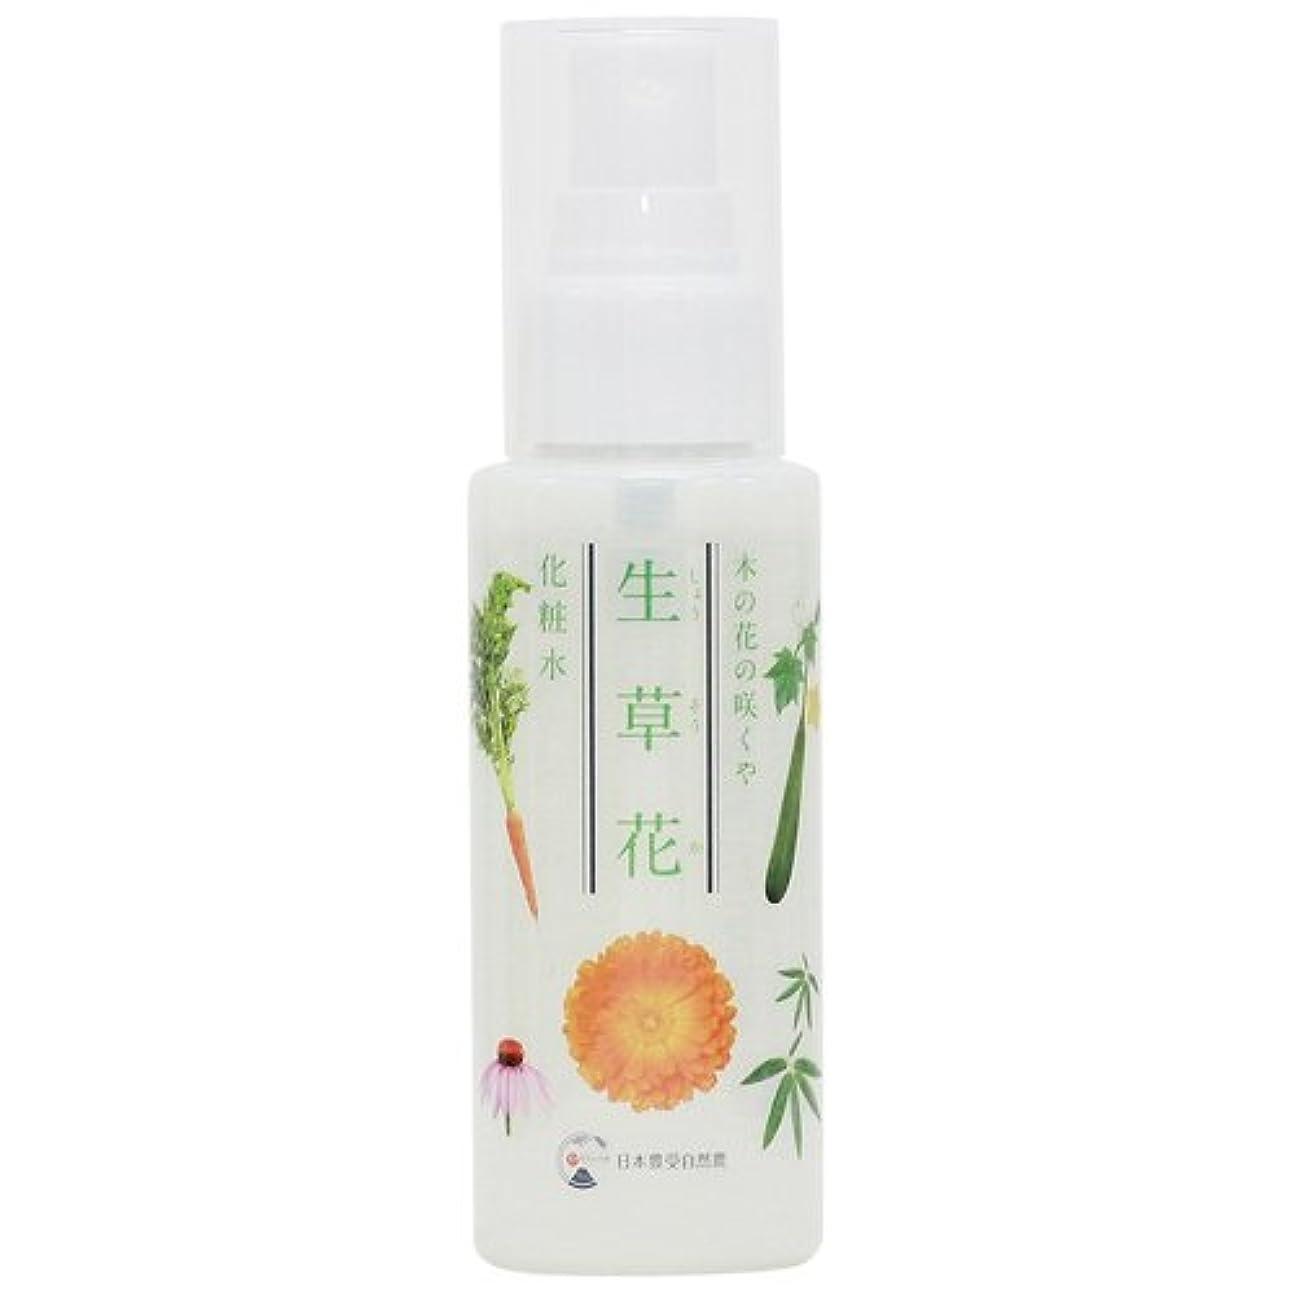 元に戻すパーク潜む日本豊受自然農 木の花の咲くや 生草花 化粧水 80ml